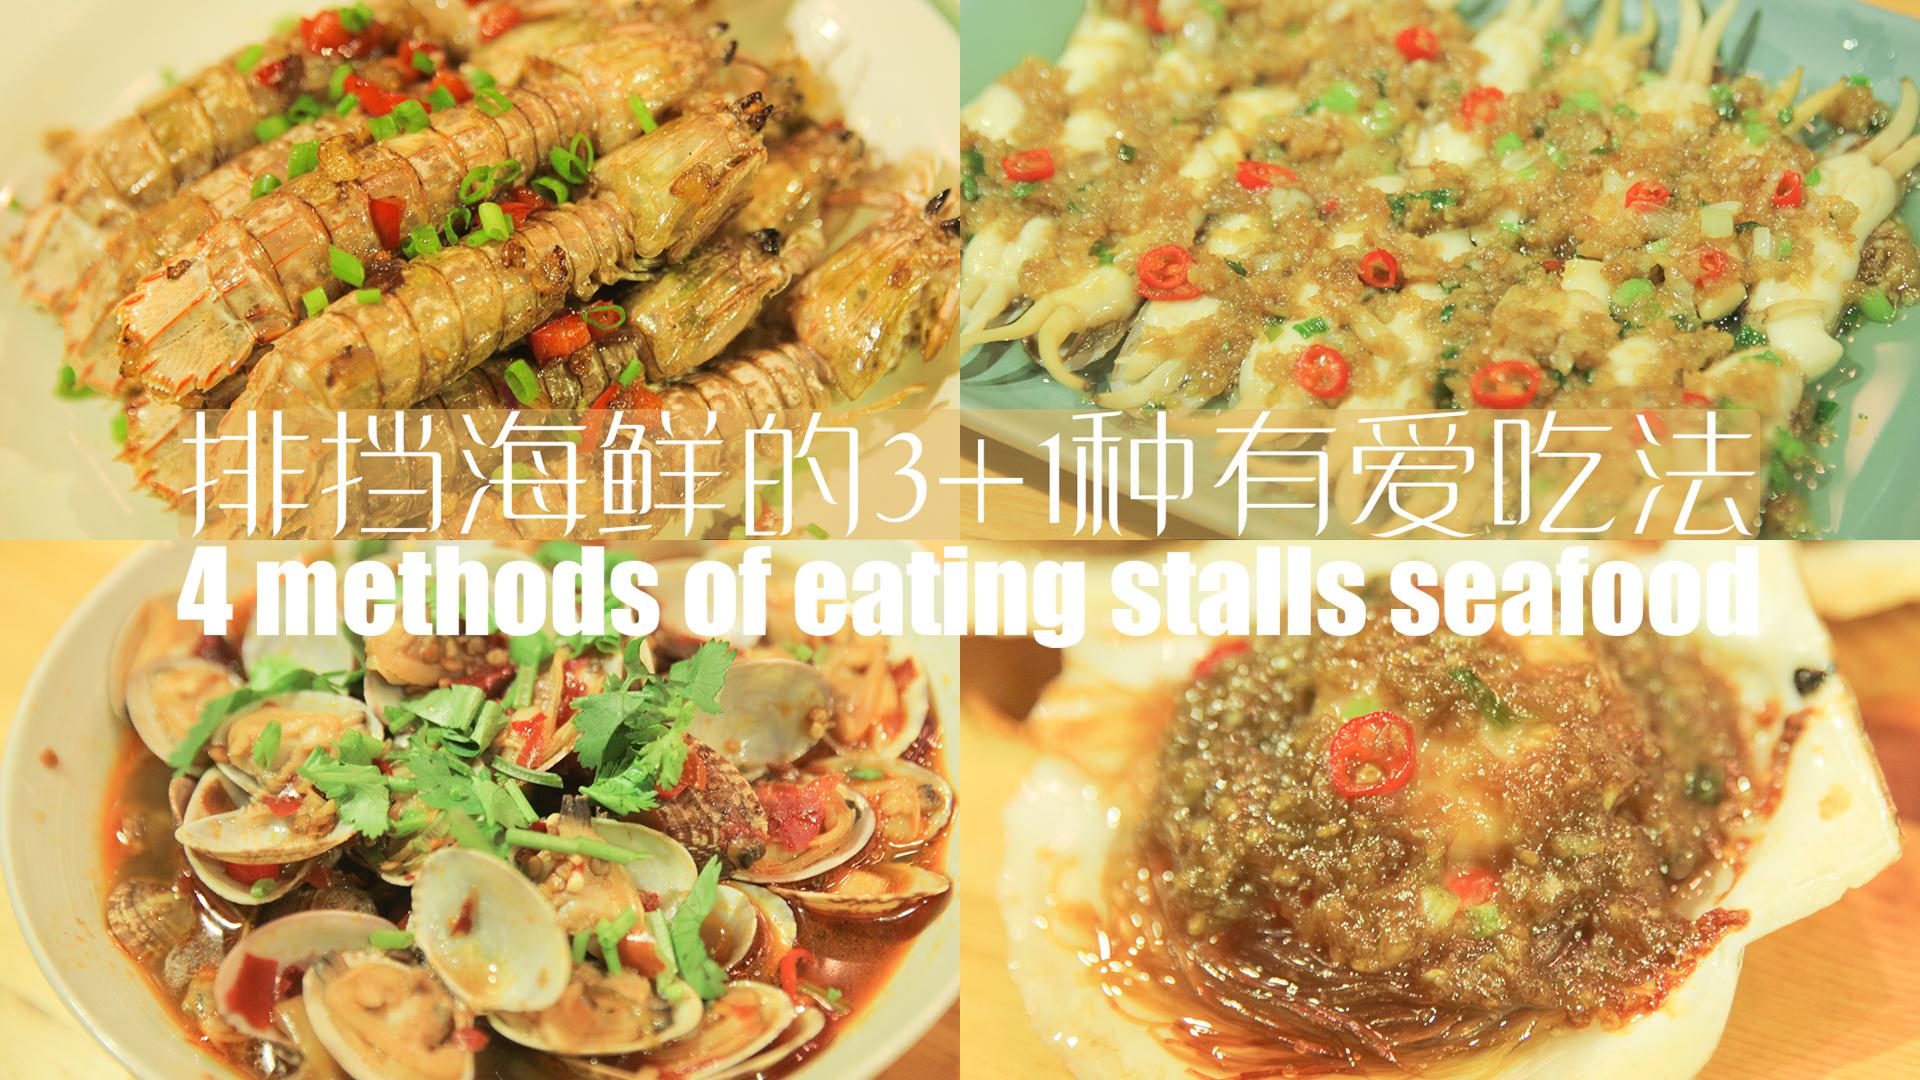 「厨娘物语」109排挡海鲜的3+1种有爱吃法